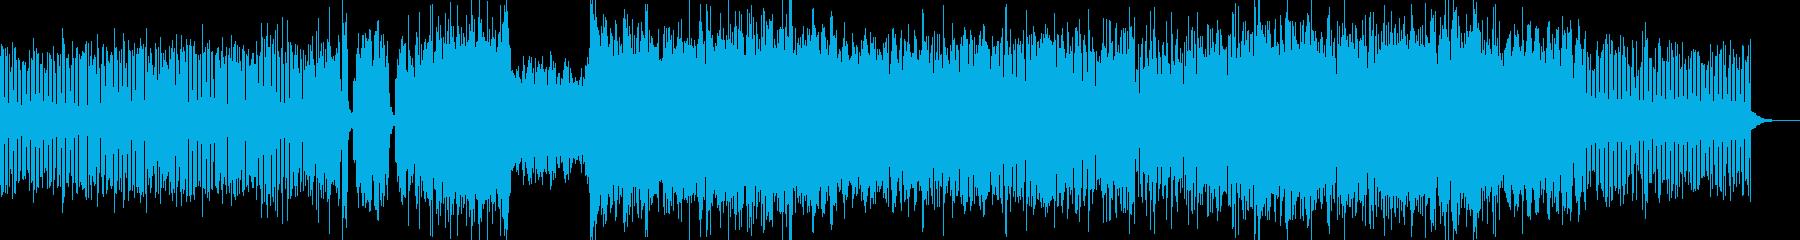 ドライブに聞きたいエレクトロサウンドの再生済みの波形